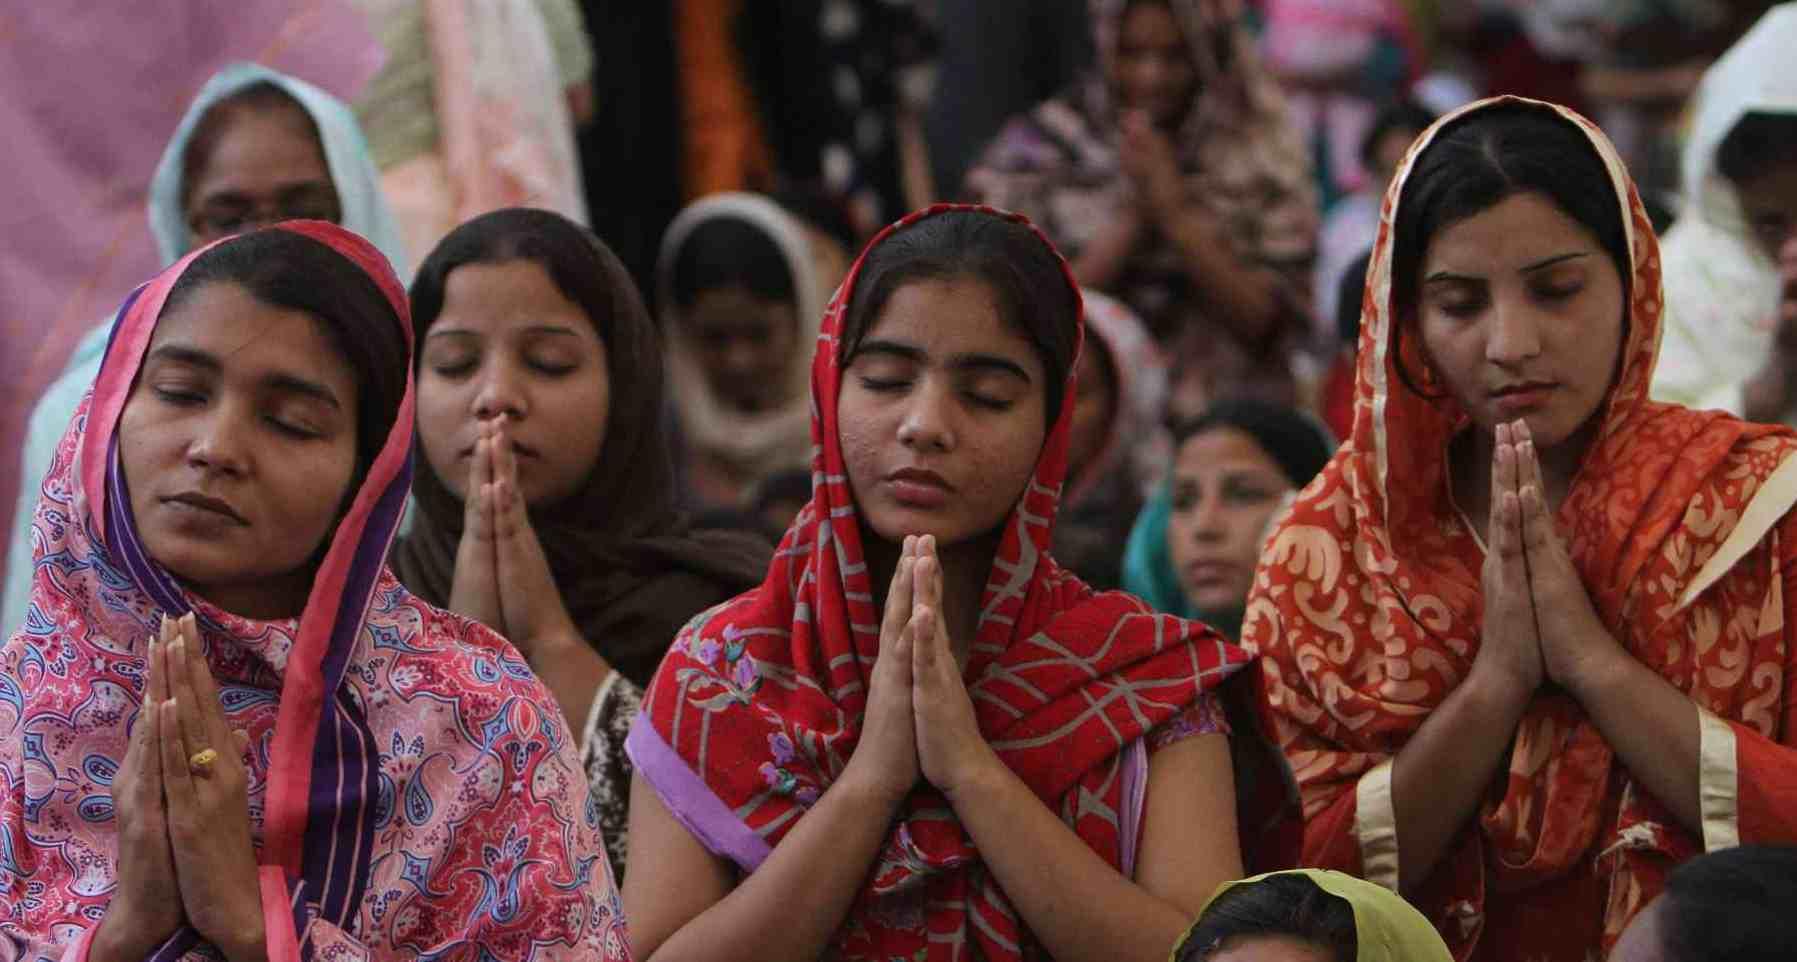 Doble llave - El Gobierno paquistaní creó la aplicación con la finalidad de reducir las tendencias extremistas en la sociedad que va contra los grupos religiosos